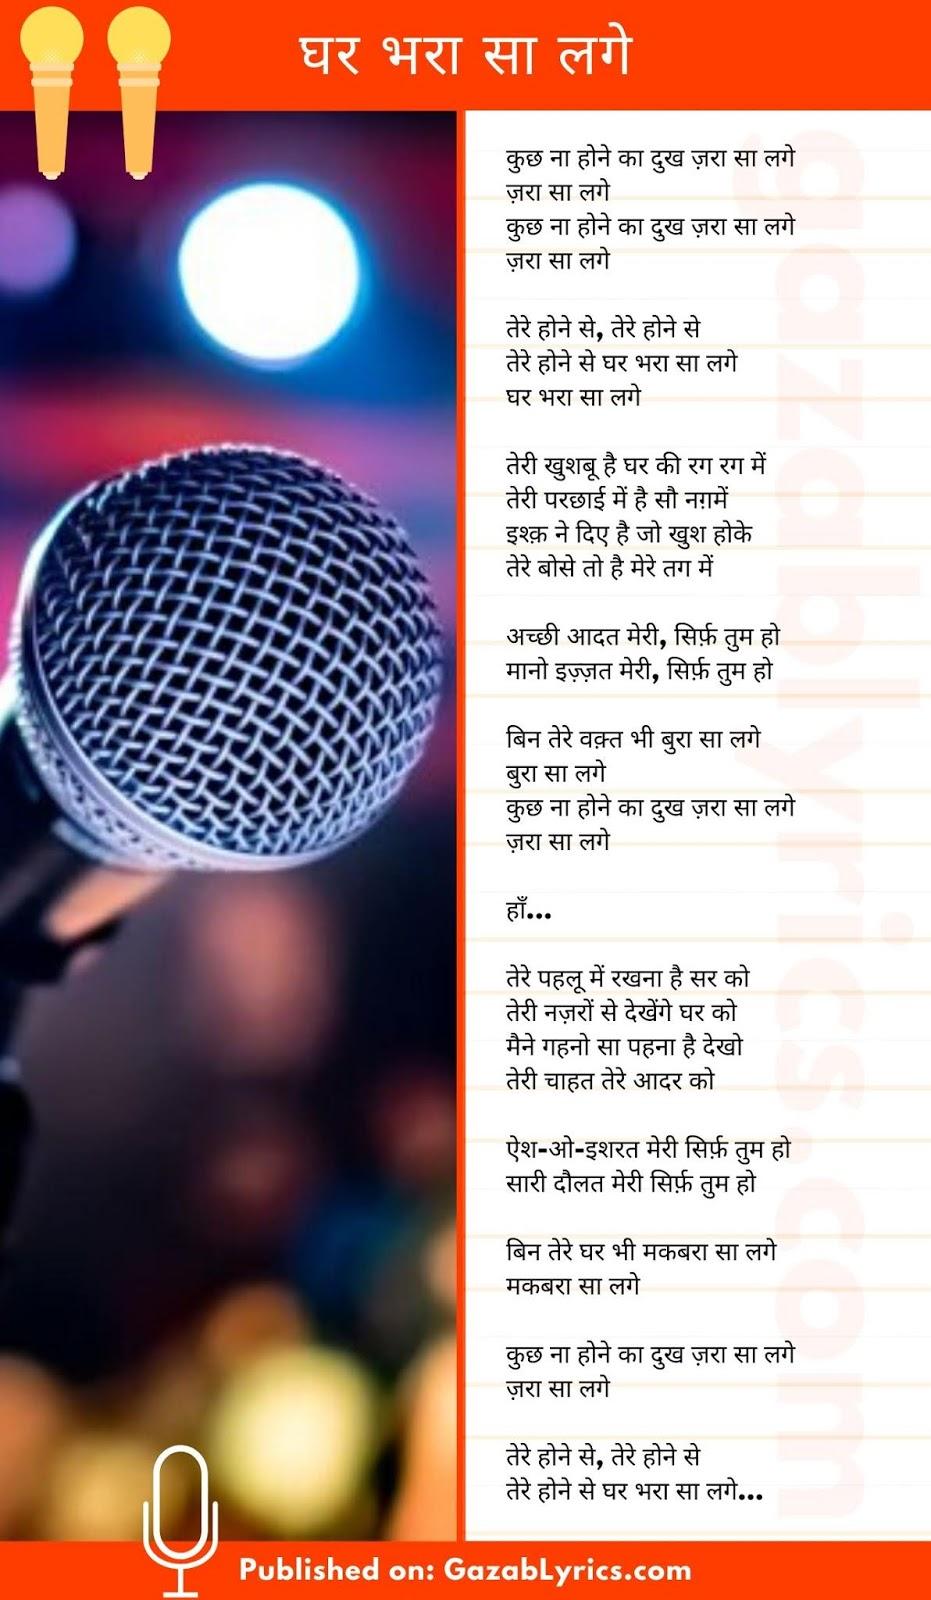 Ghar Bhara Sa Lage song lyrics image